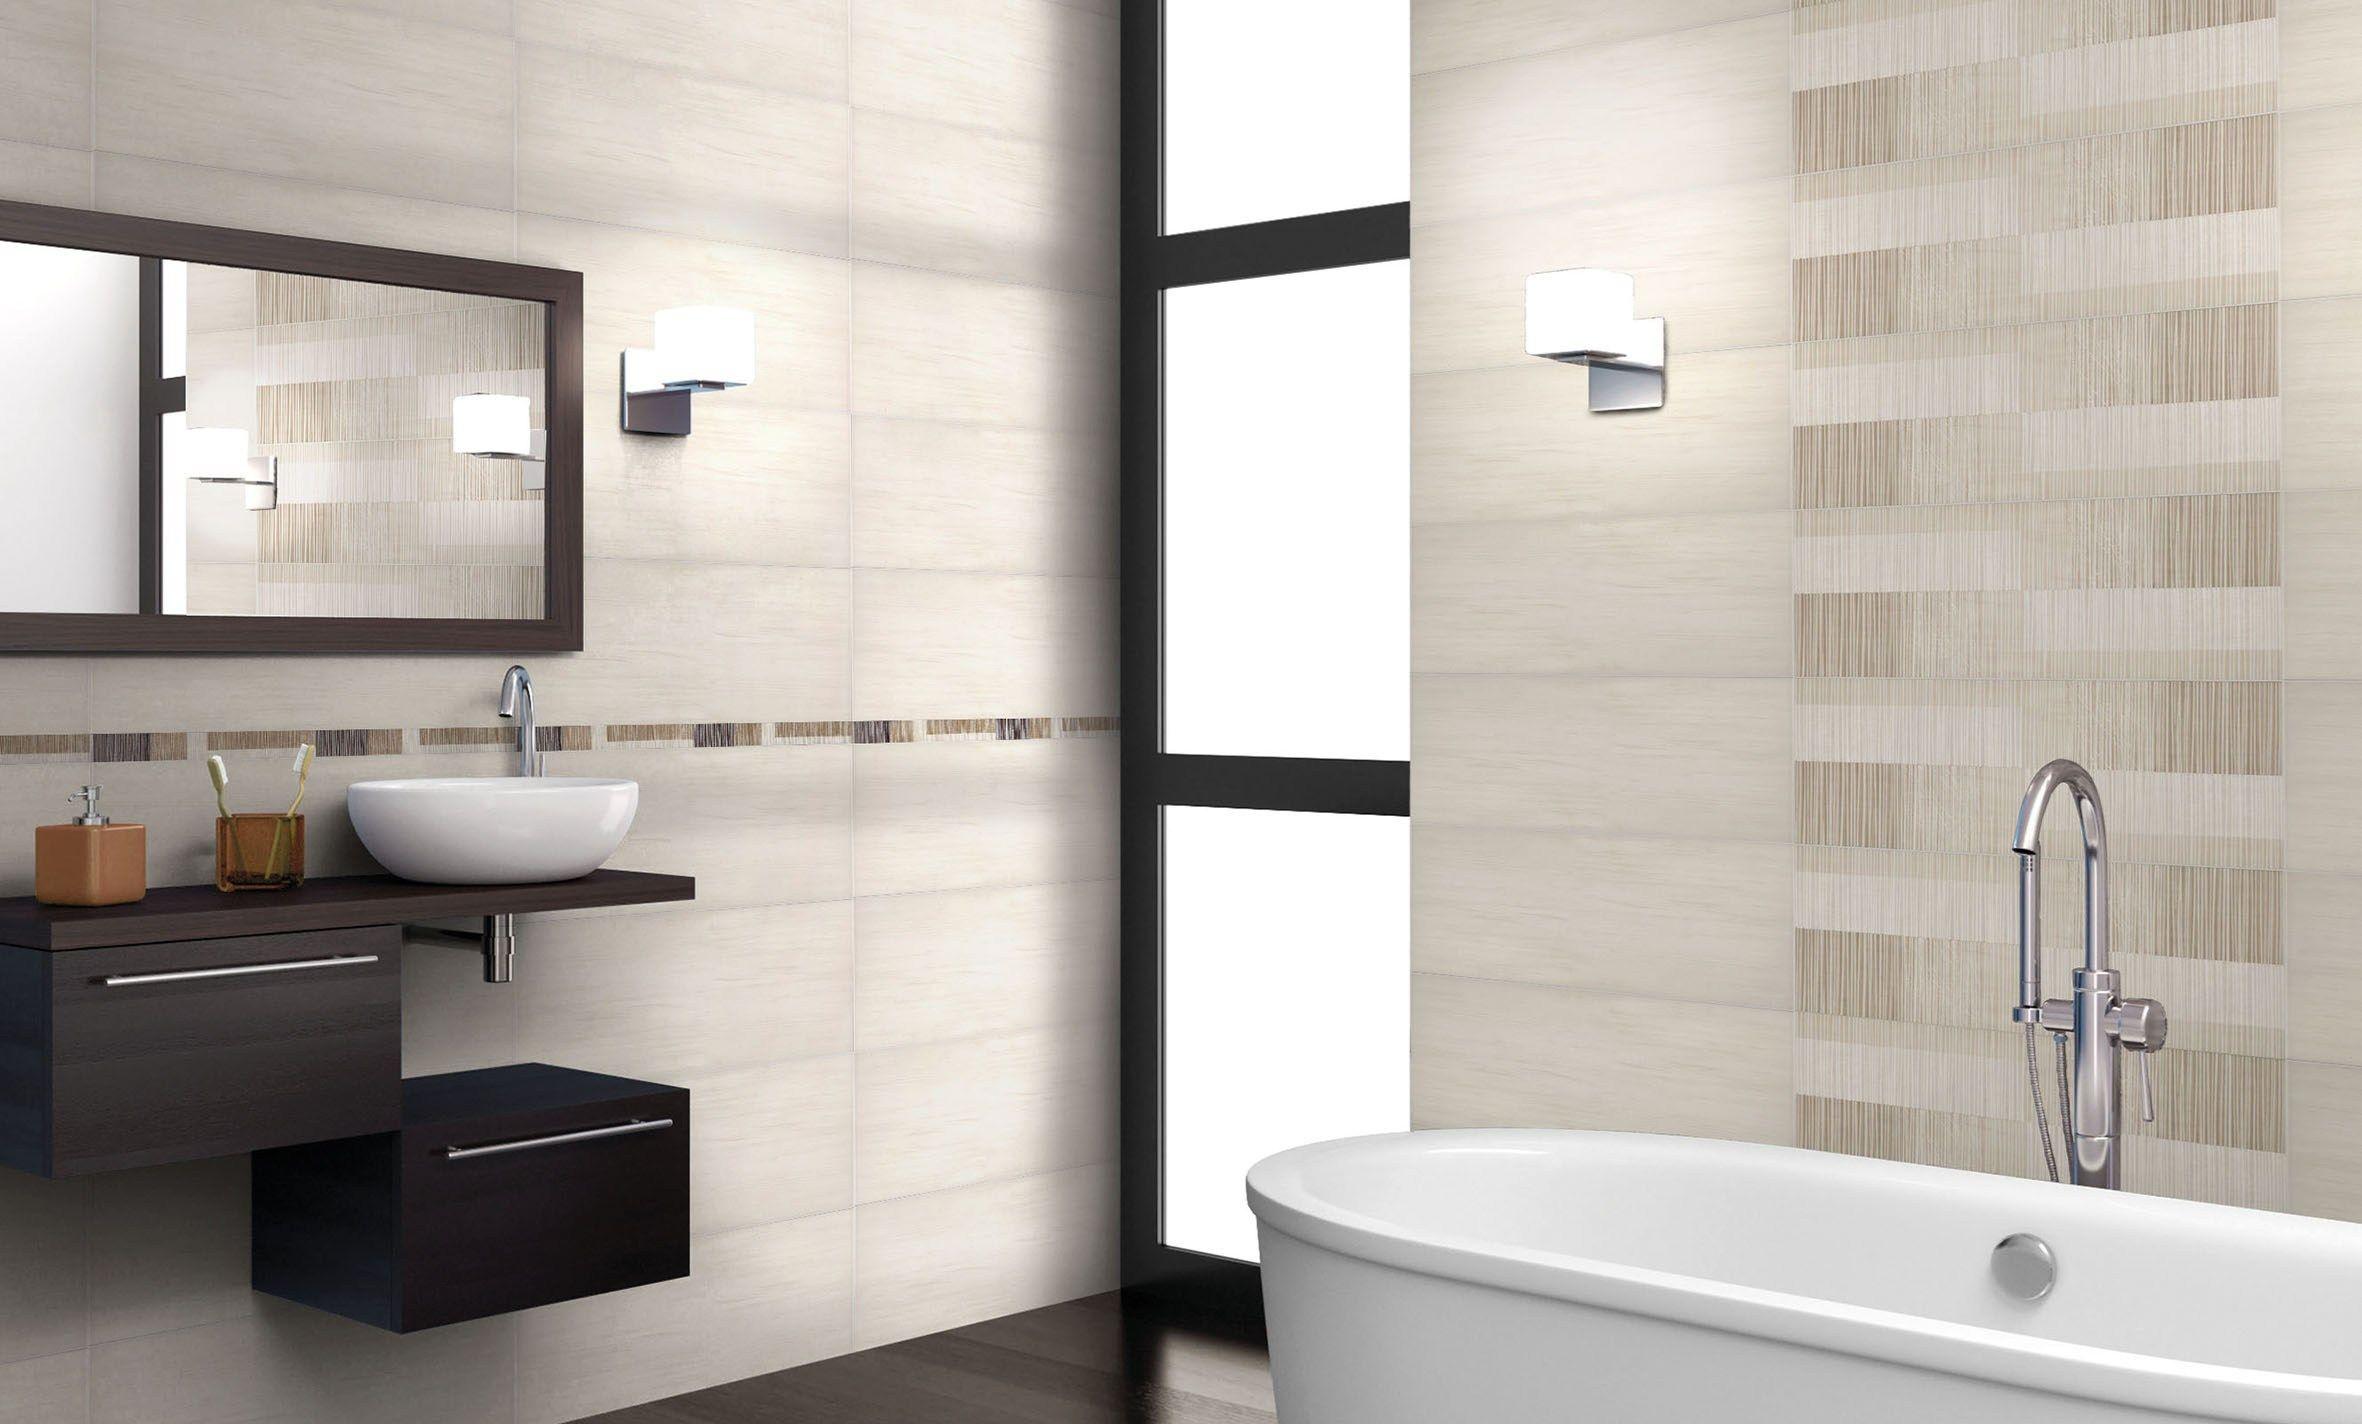 Indoor white paste wall tiles today by ceramiche brennero for Ceramiche brennero